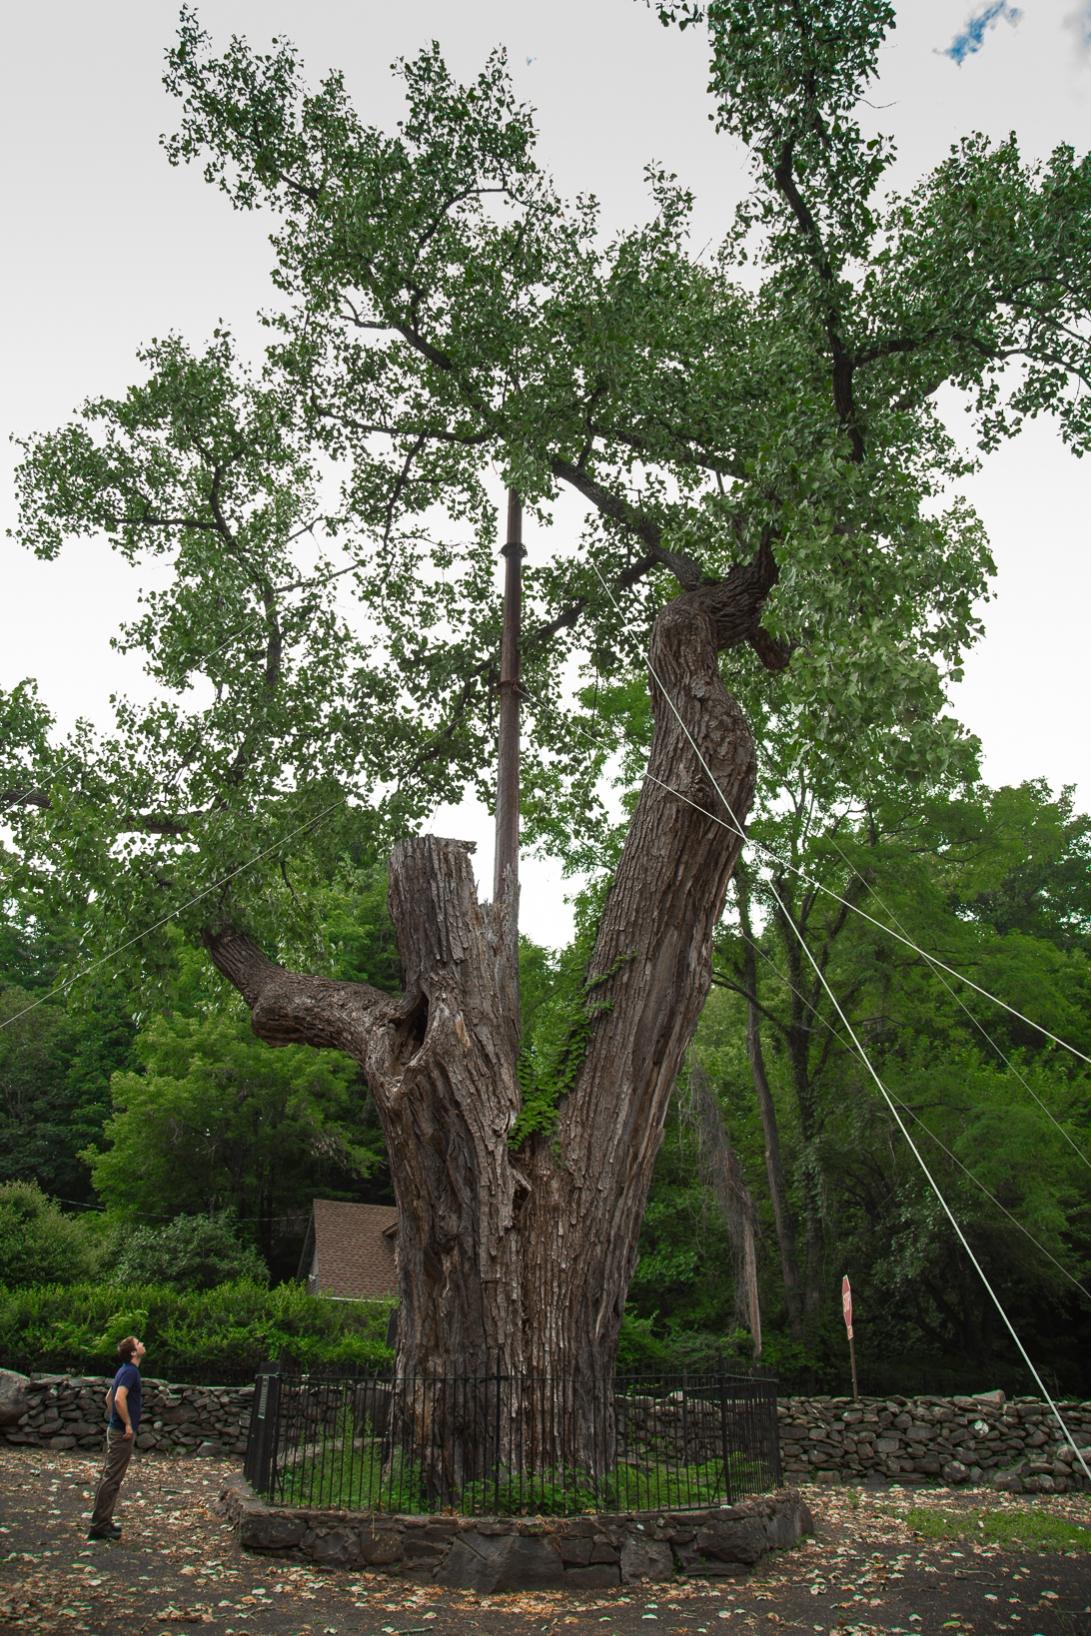 The Balmville Tree